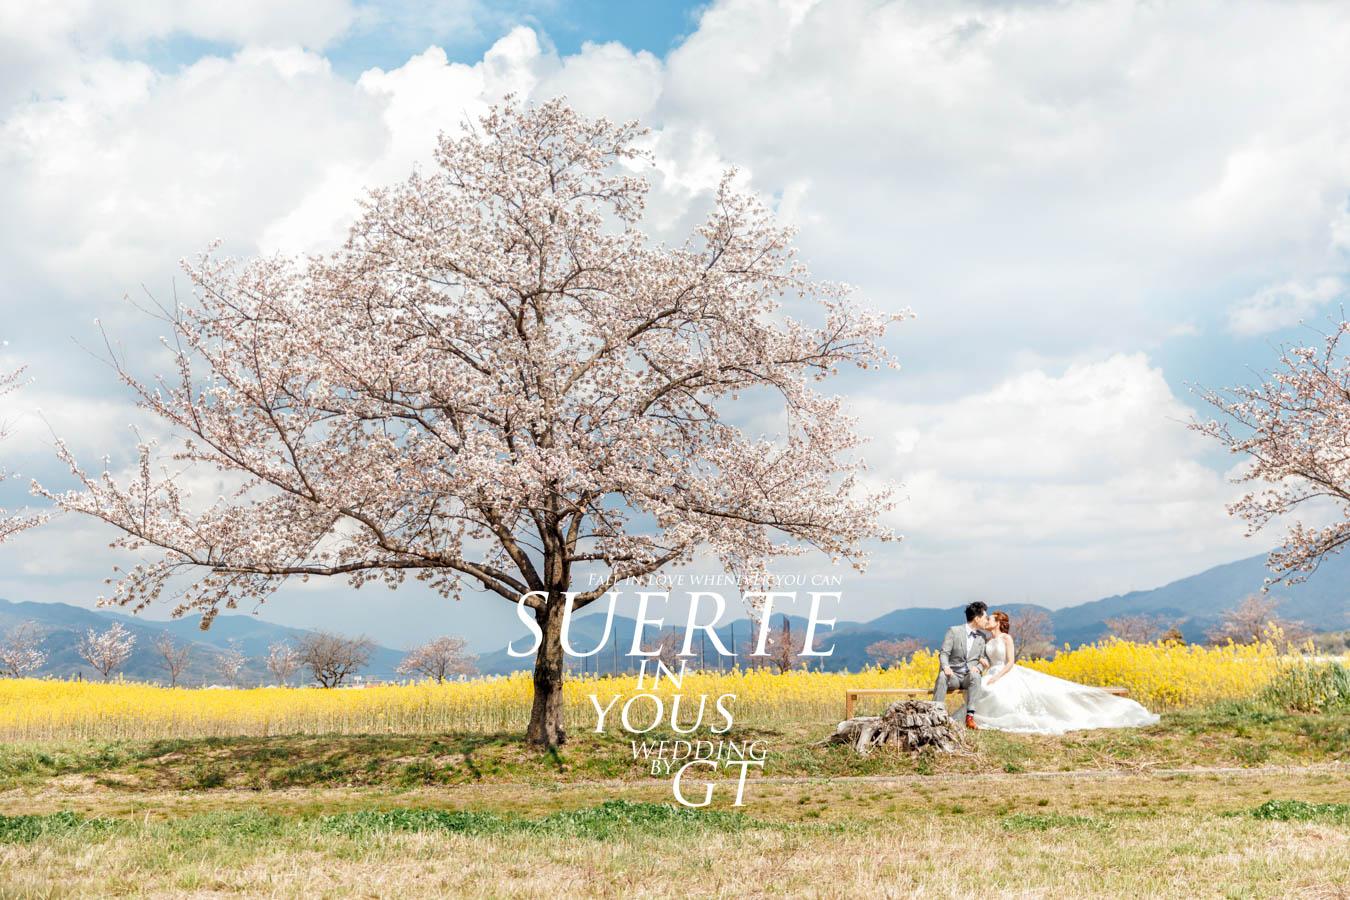 自助婚紗 | 仲皓+怡婷   PREWEDDING 京都|海外婚紗|GT日本婚紗